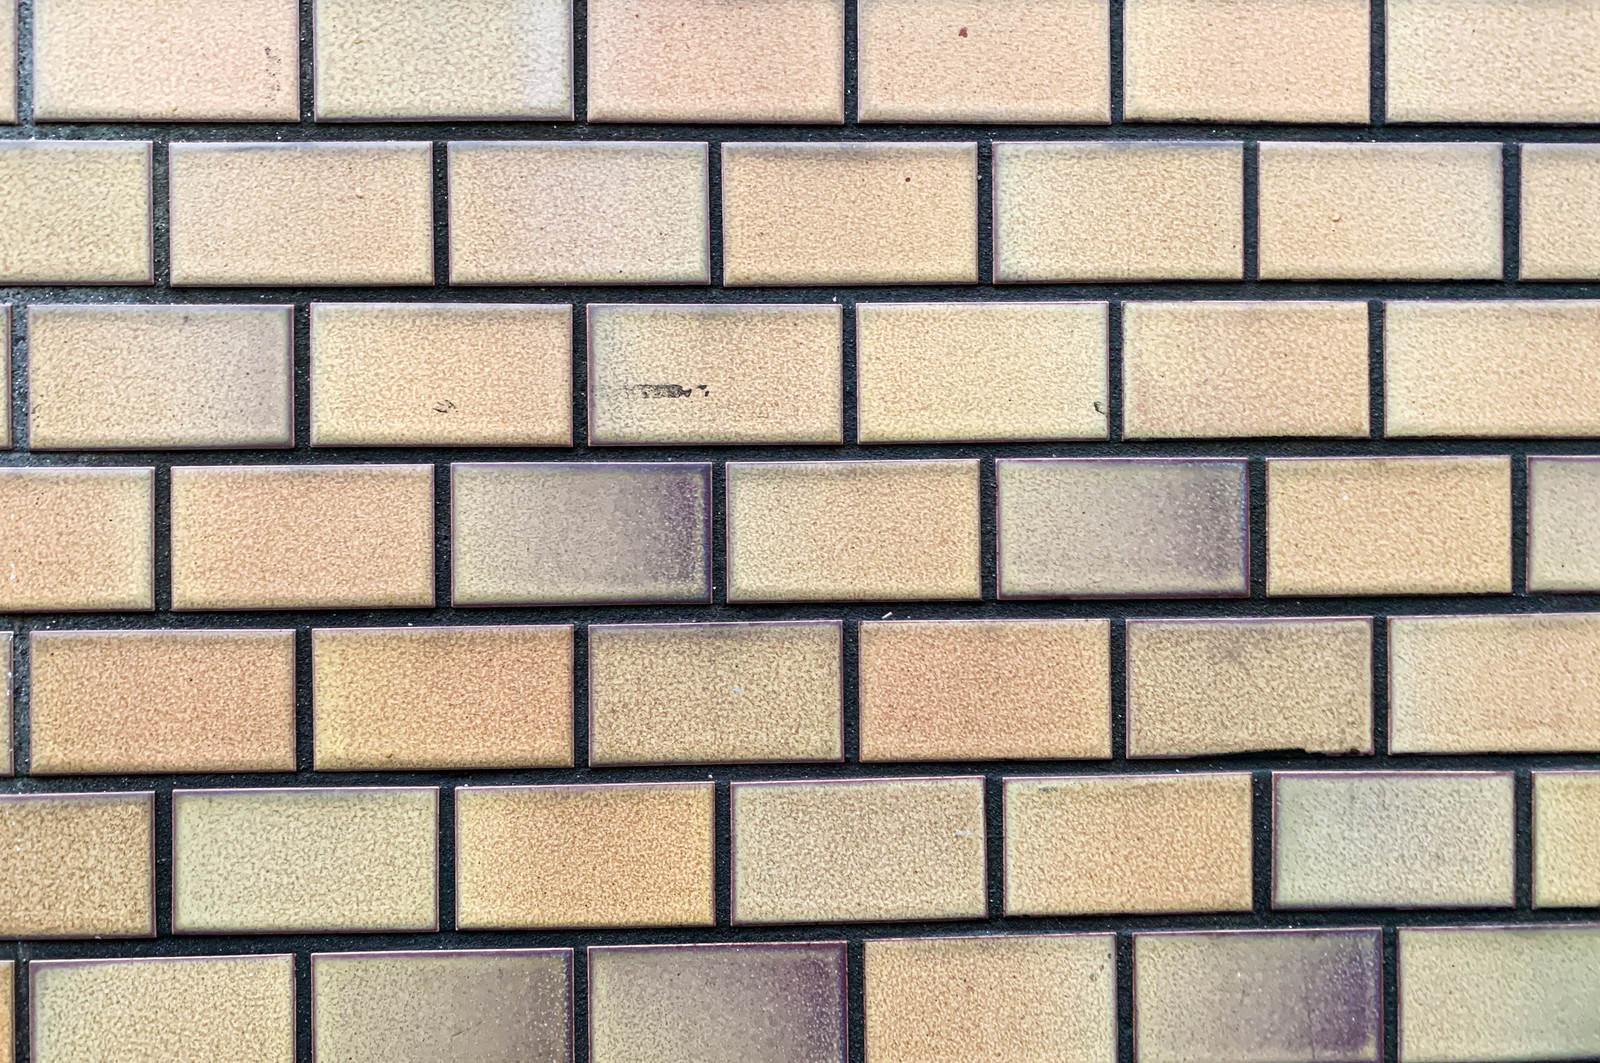 「色褪せたパステルカラーのタイル(テクスチャ)」の写真